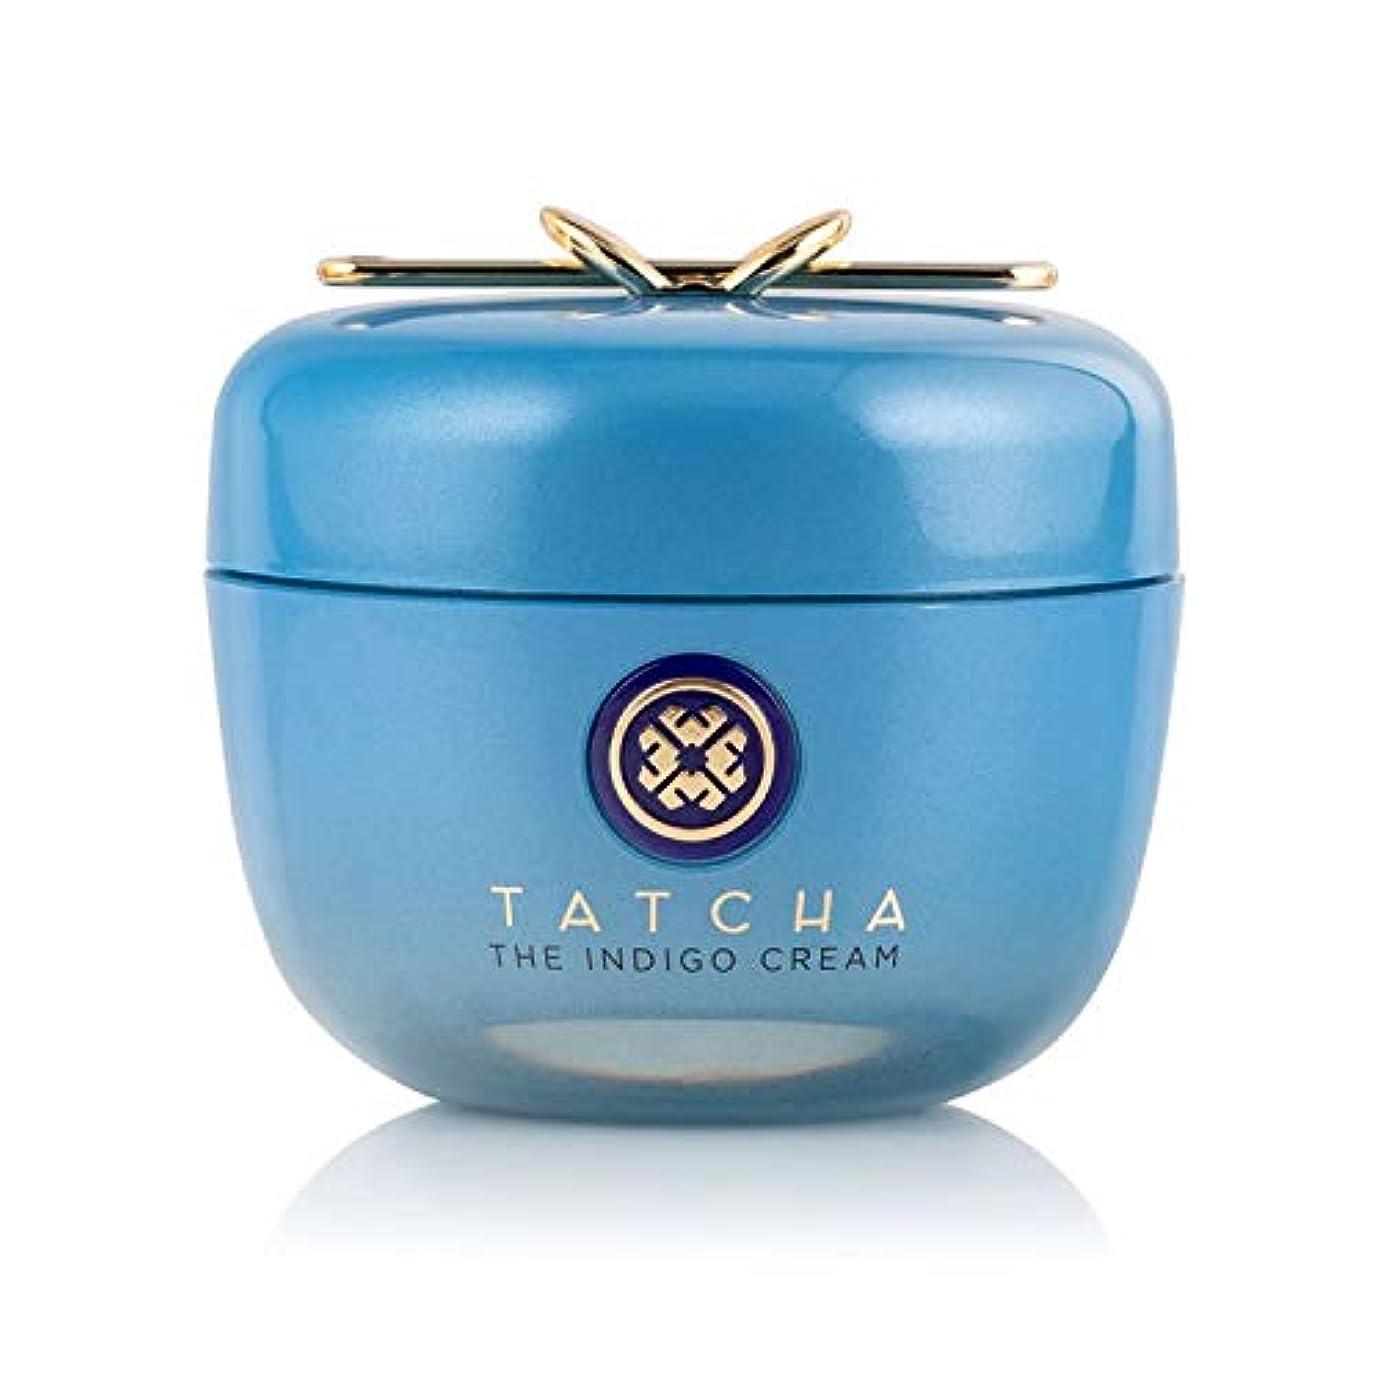 音楽を聴くスラム抵抗力があるTatcha The Indigo Cream Soothing Skin Protectant 1.7 oz/ 50 mL タチャインディゴ クリーム